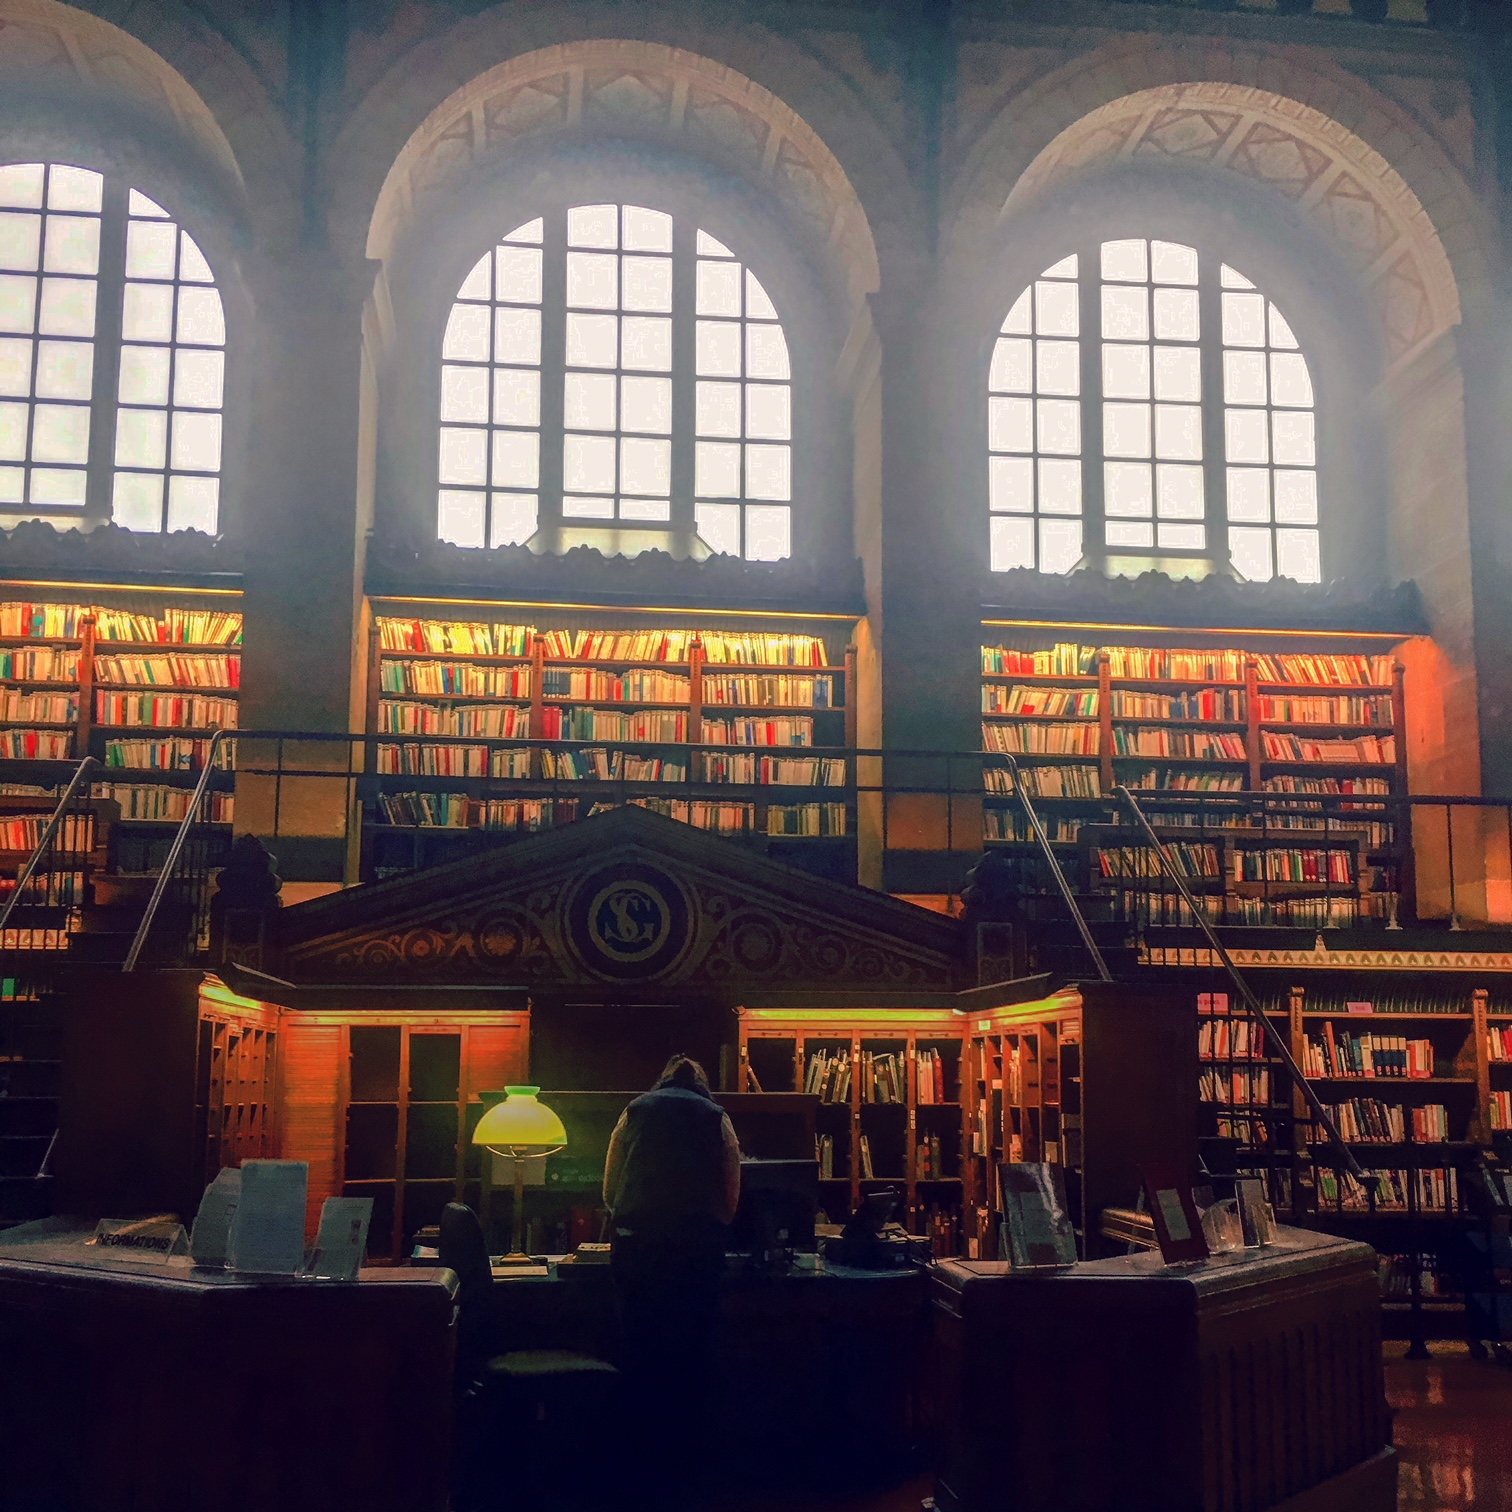 The gorgeous Bibliotèque Sainte-Geneviève in Paris.